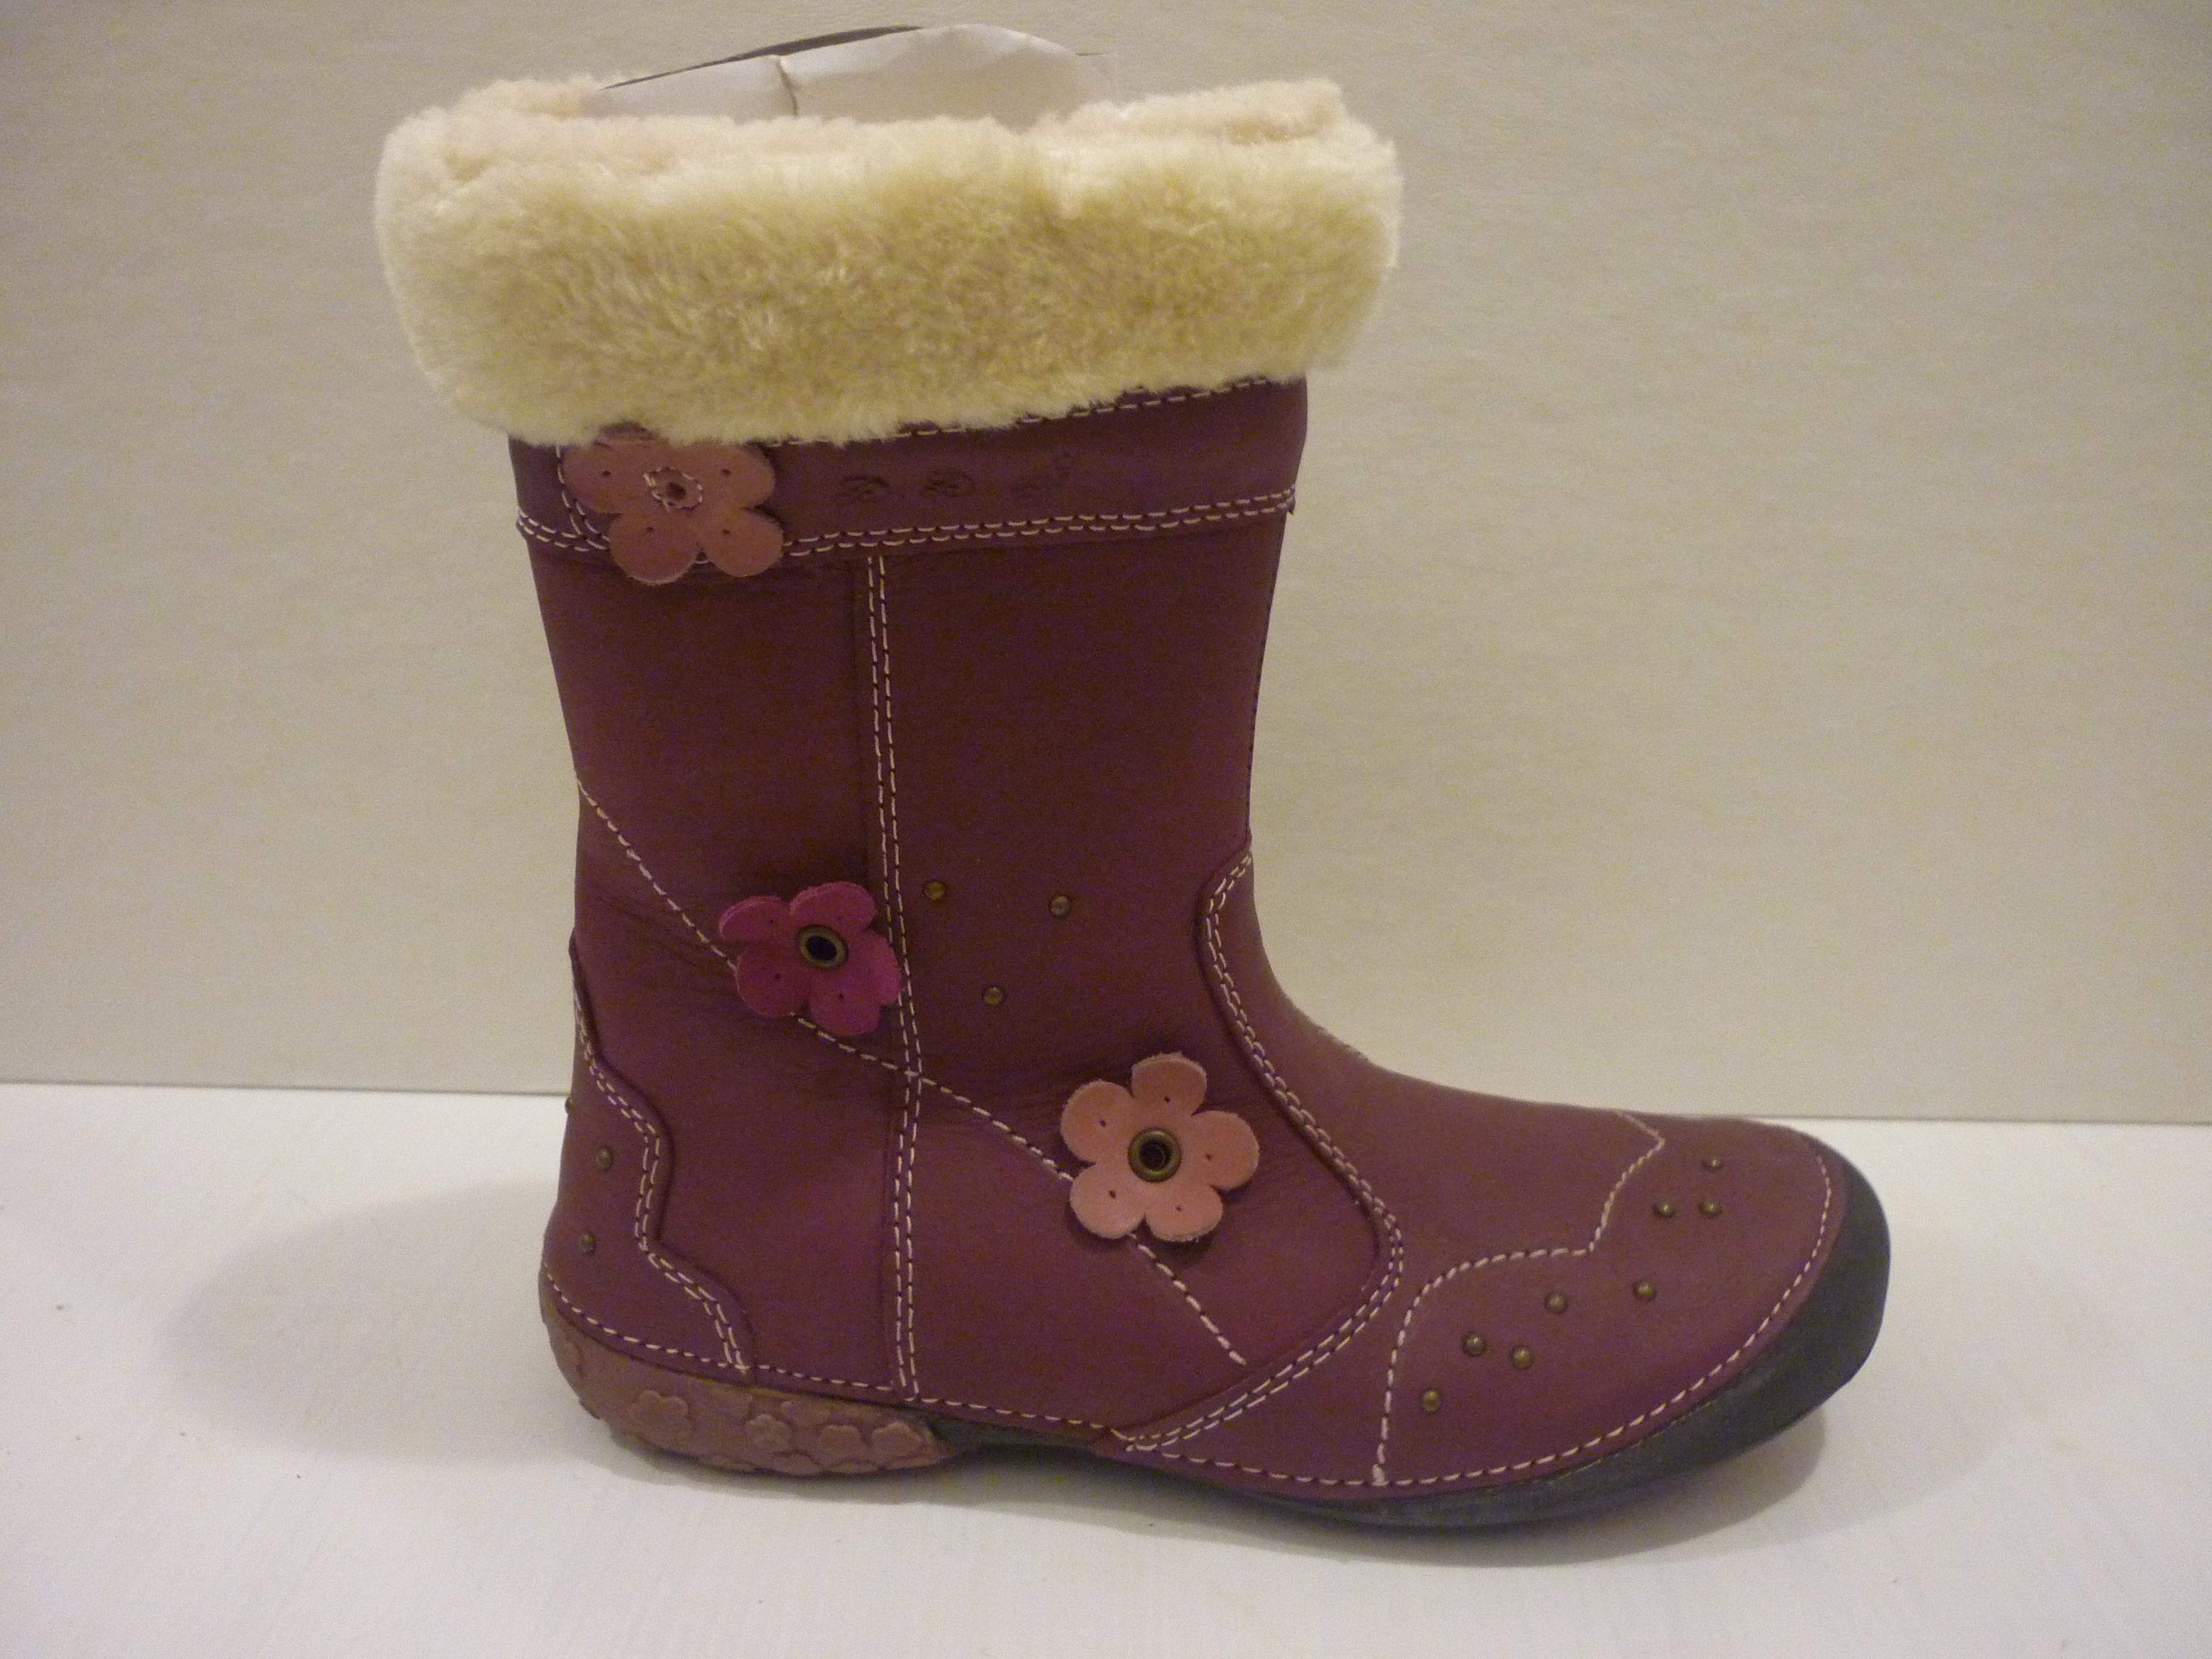 73828d7398b7 Zimná kožená obuv D.D.step 026-25AL